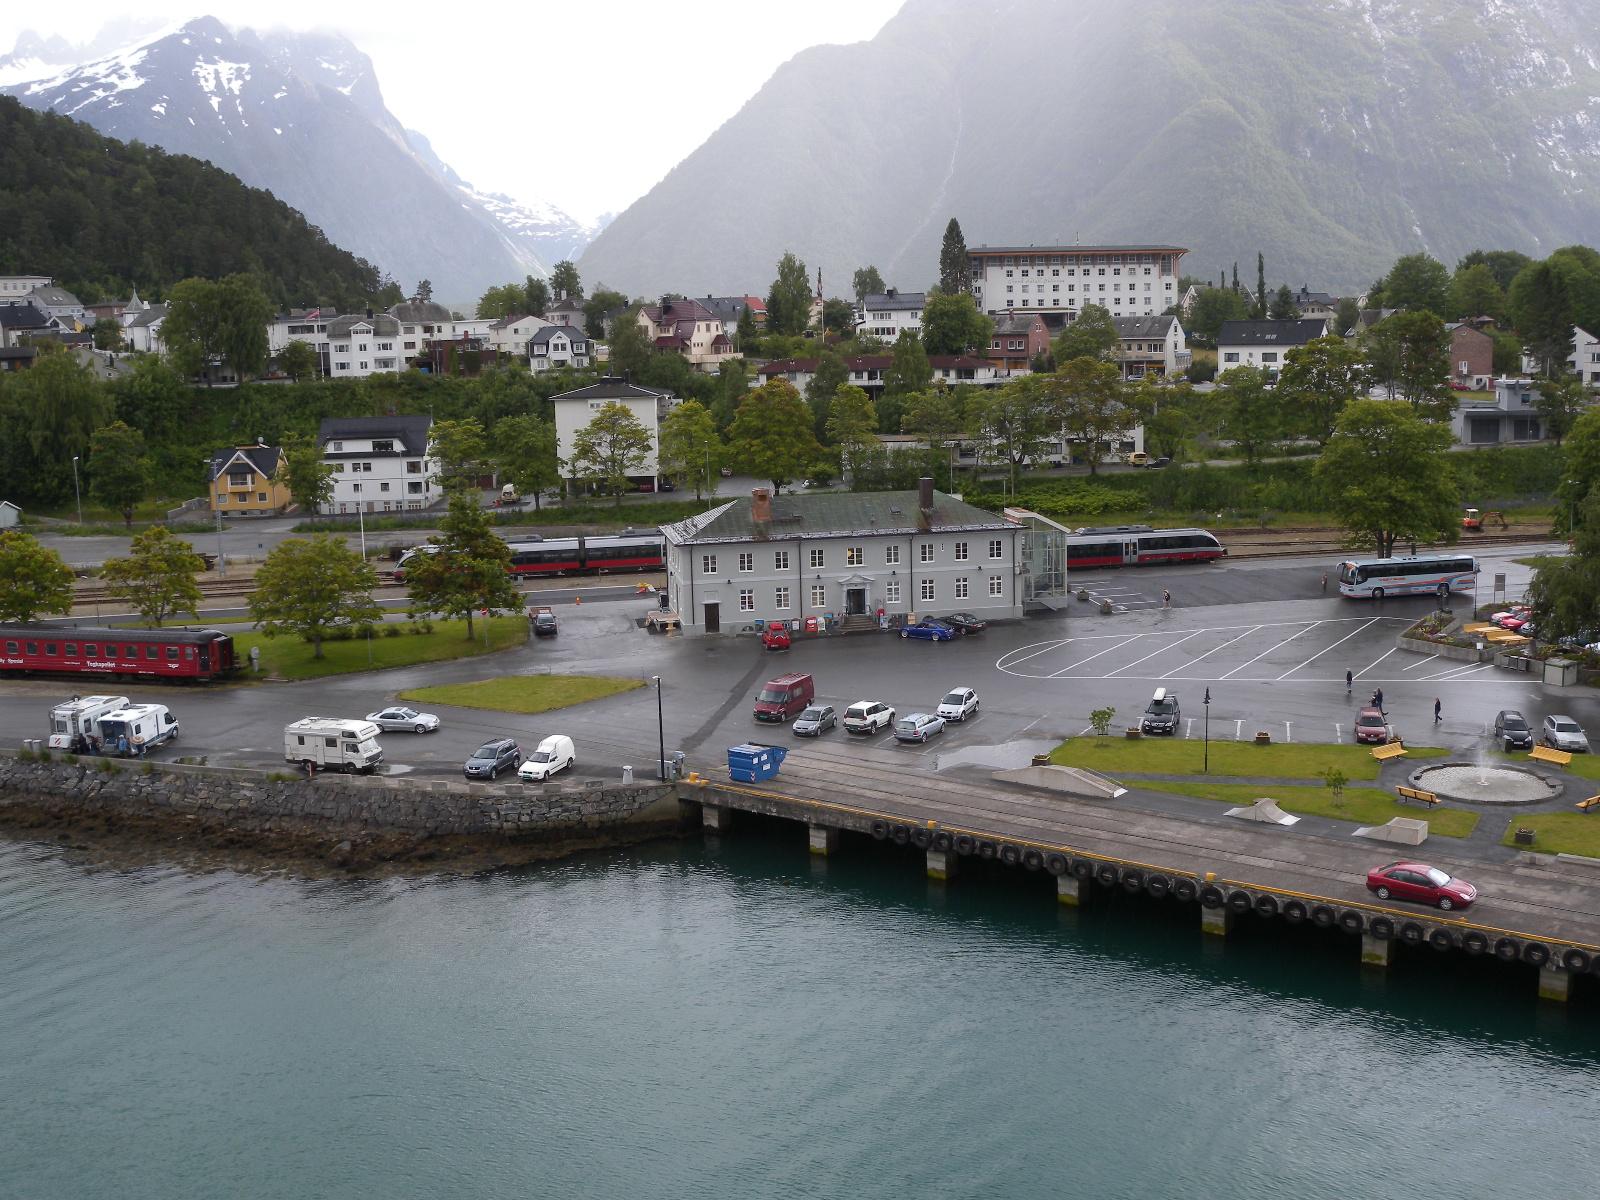 kontaktannonser i norge Åndalsnes